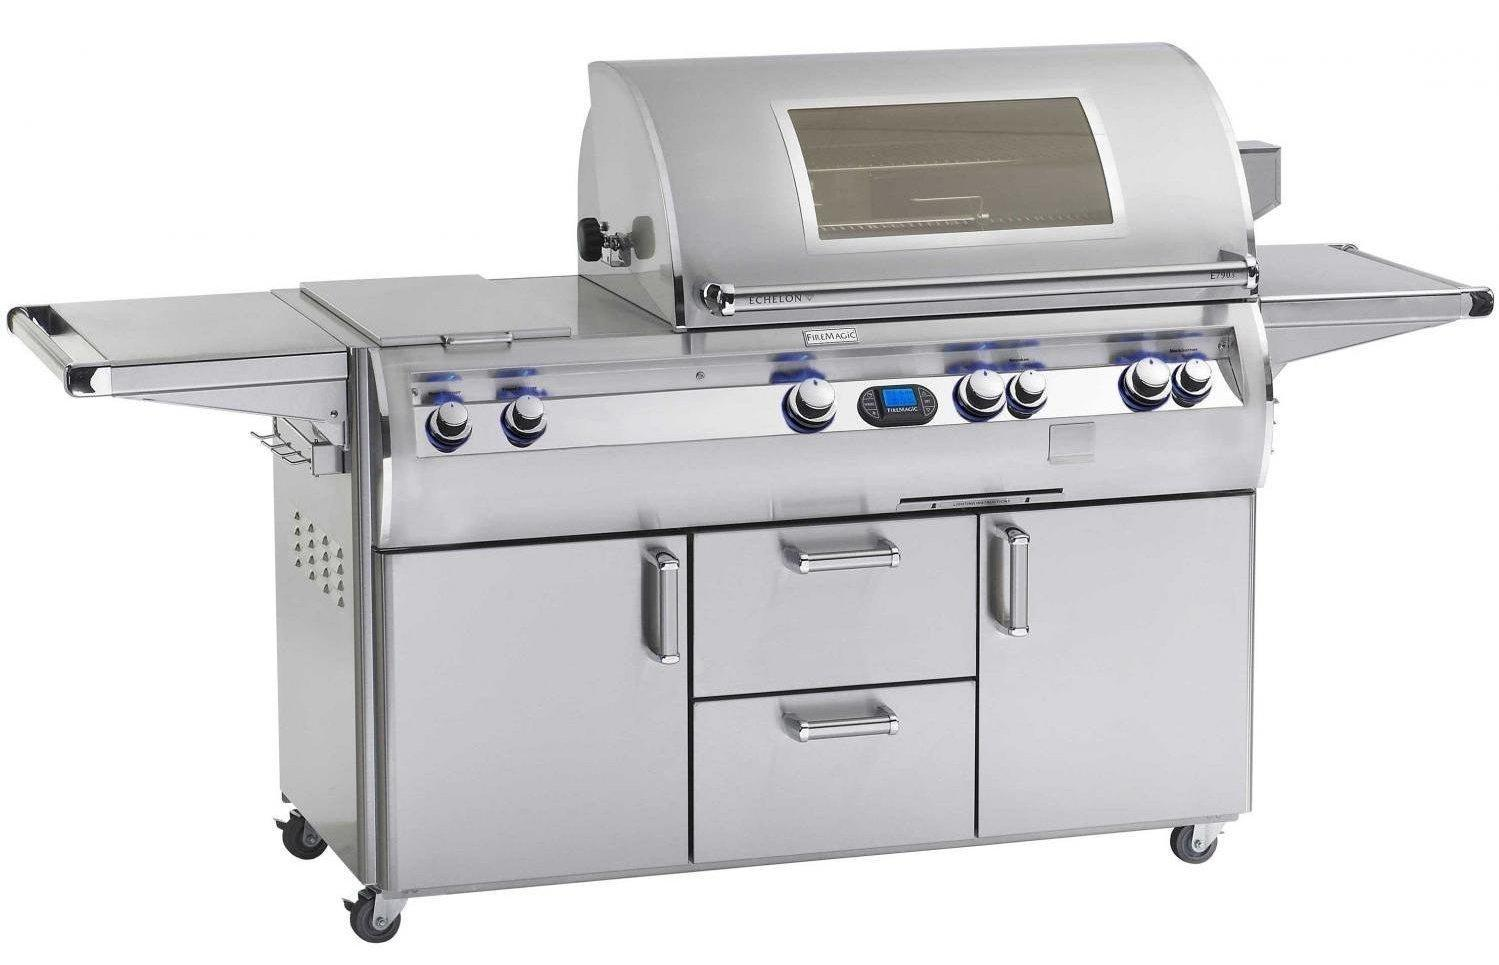 E660s4e171w fire magic e660s4e171w echelon collection for Coyote outdoor grill reviews